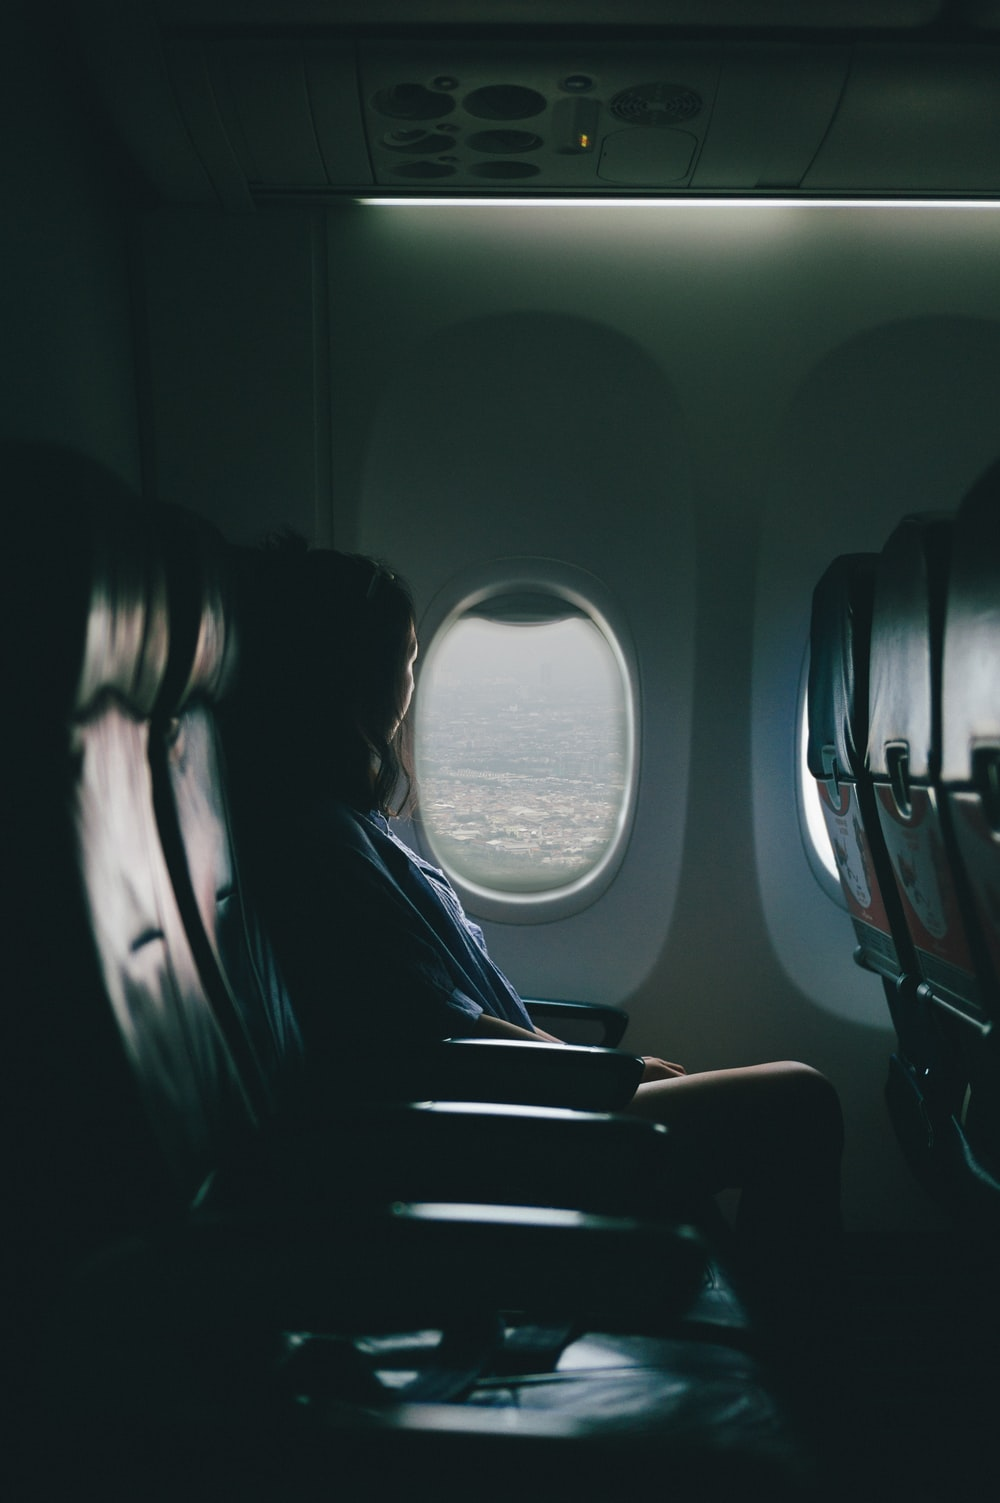 woman sits on seat near window inside plane